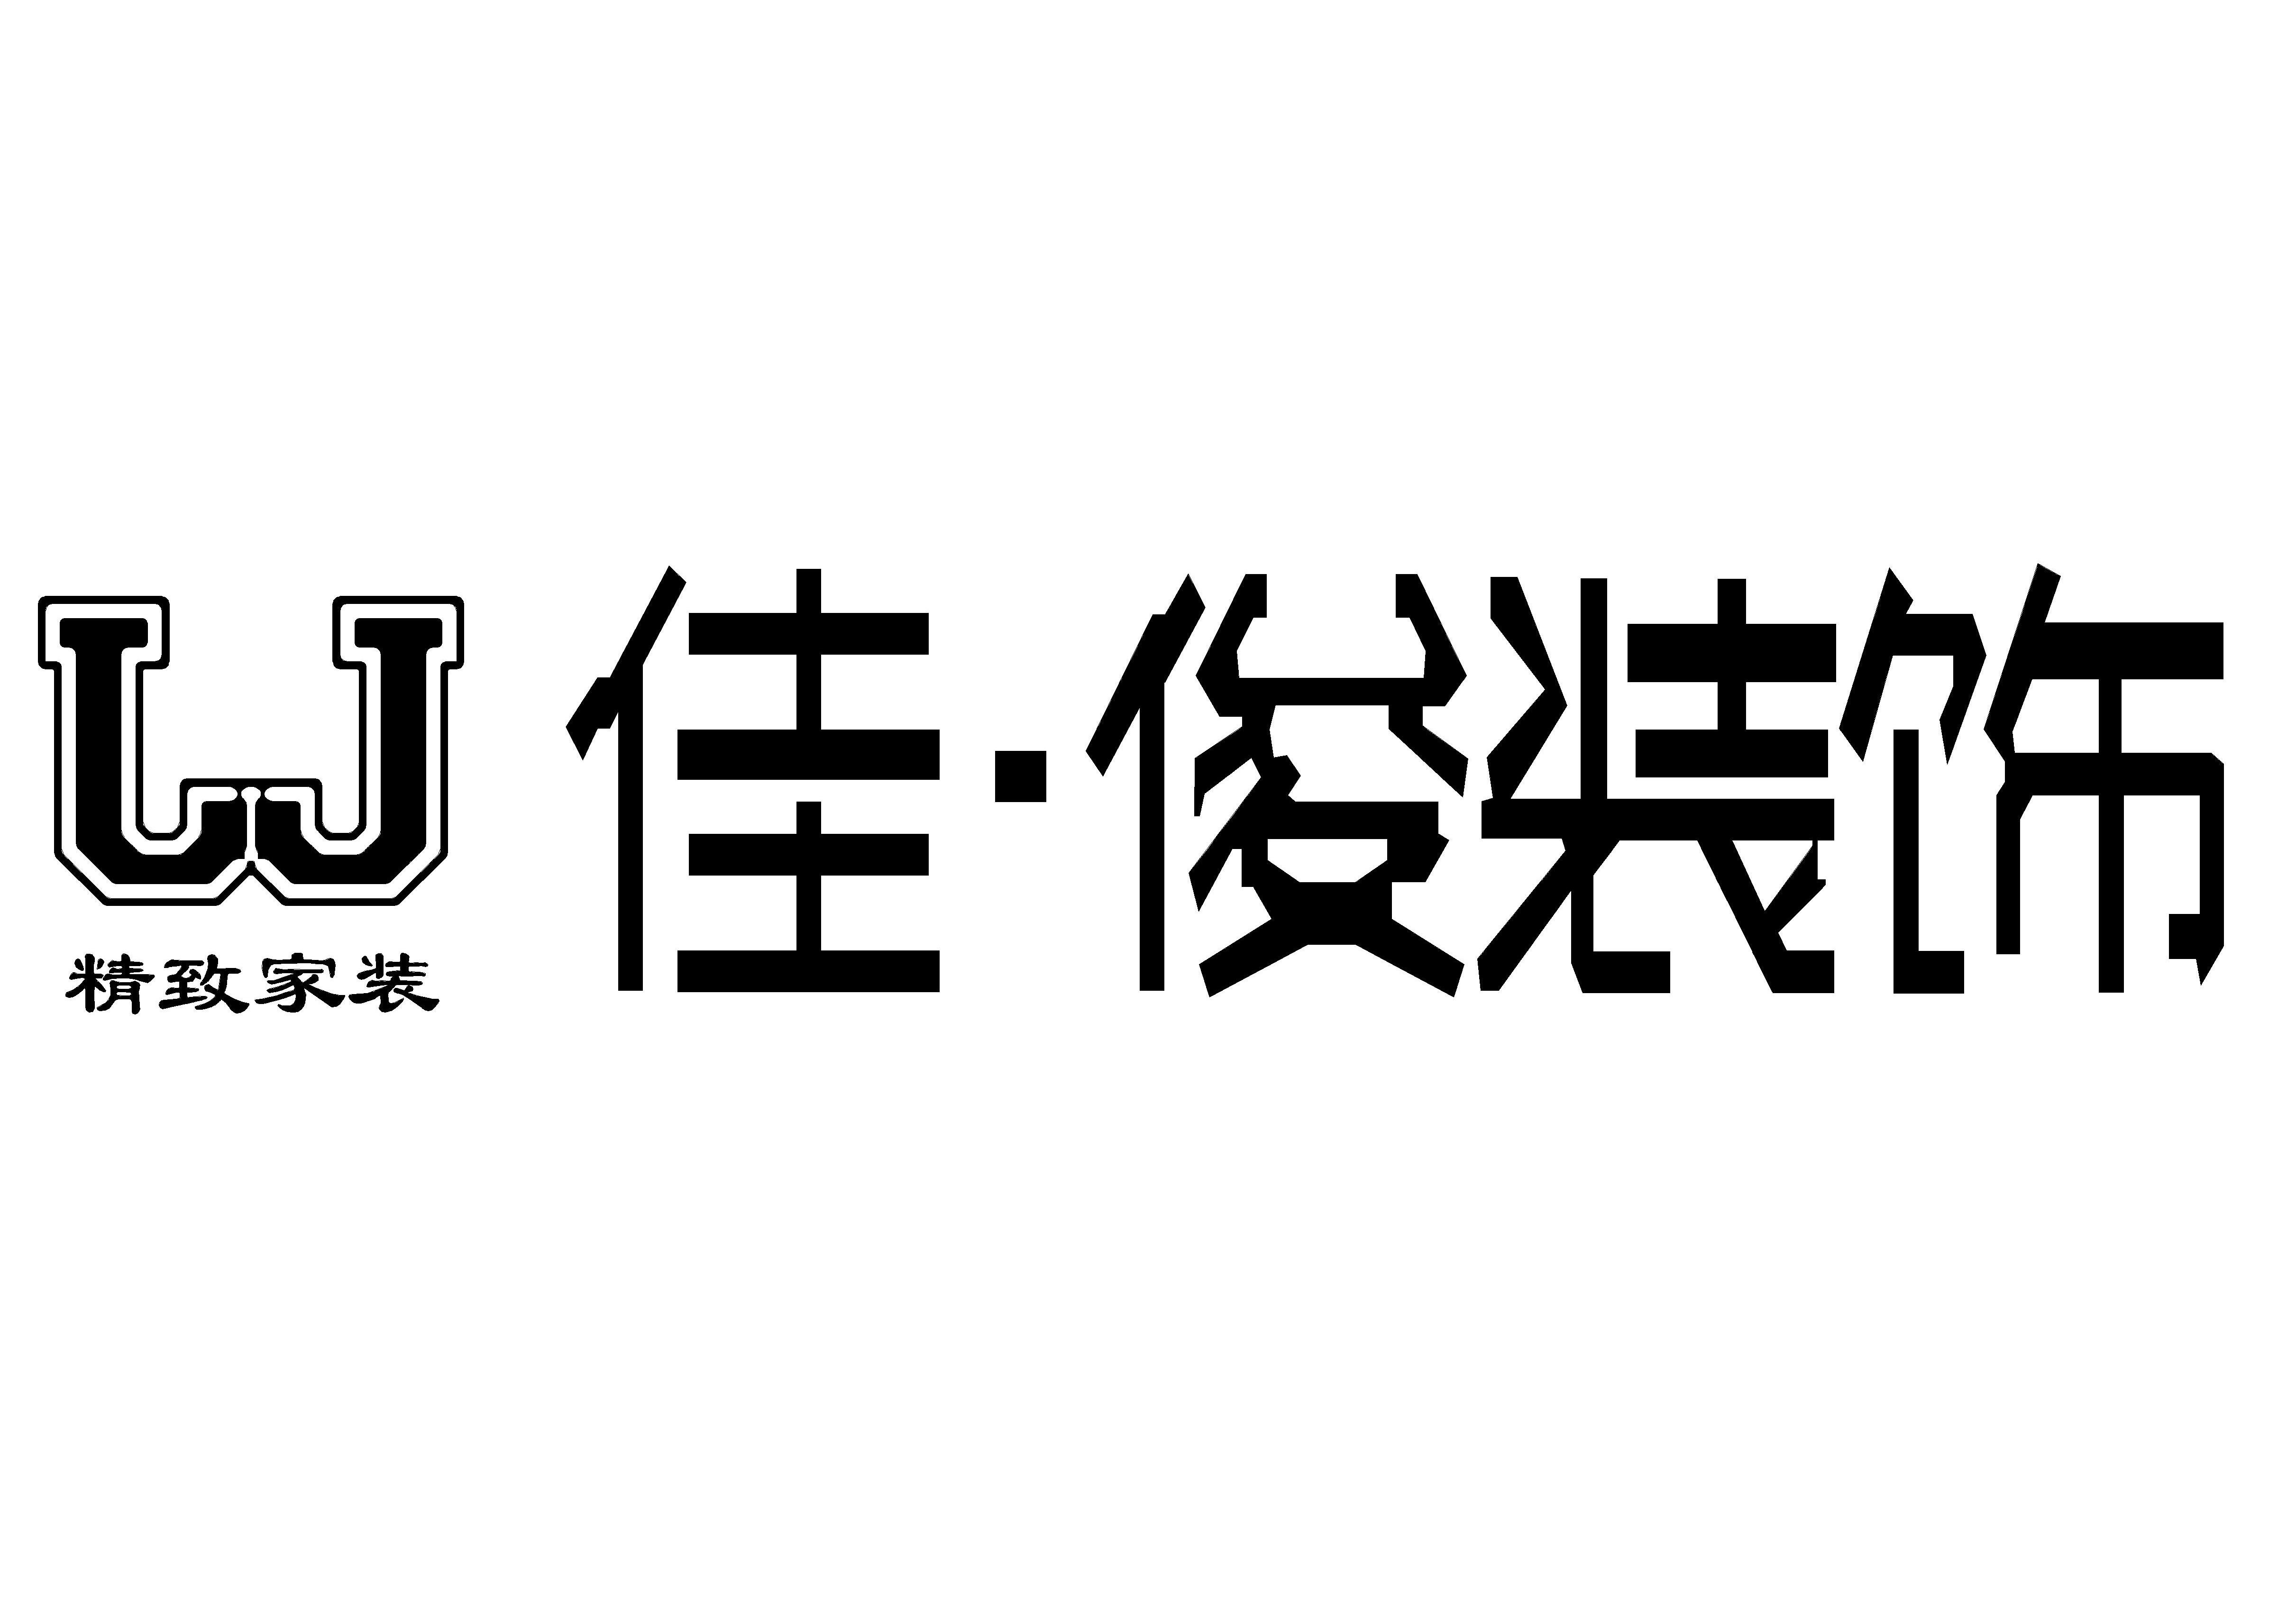 衢州佳·俊装饰工程有限公司